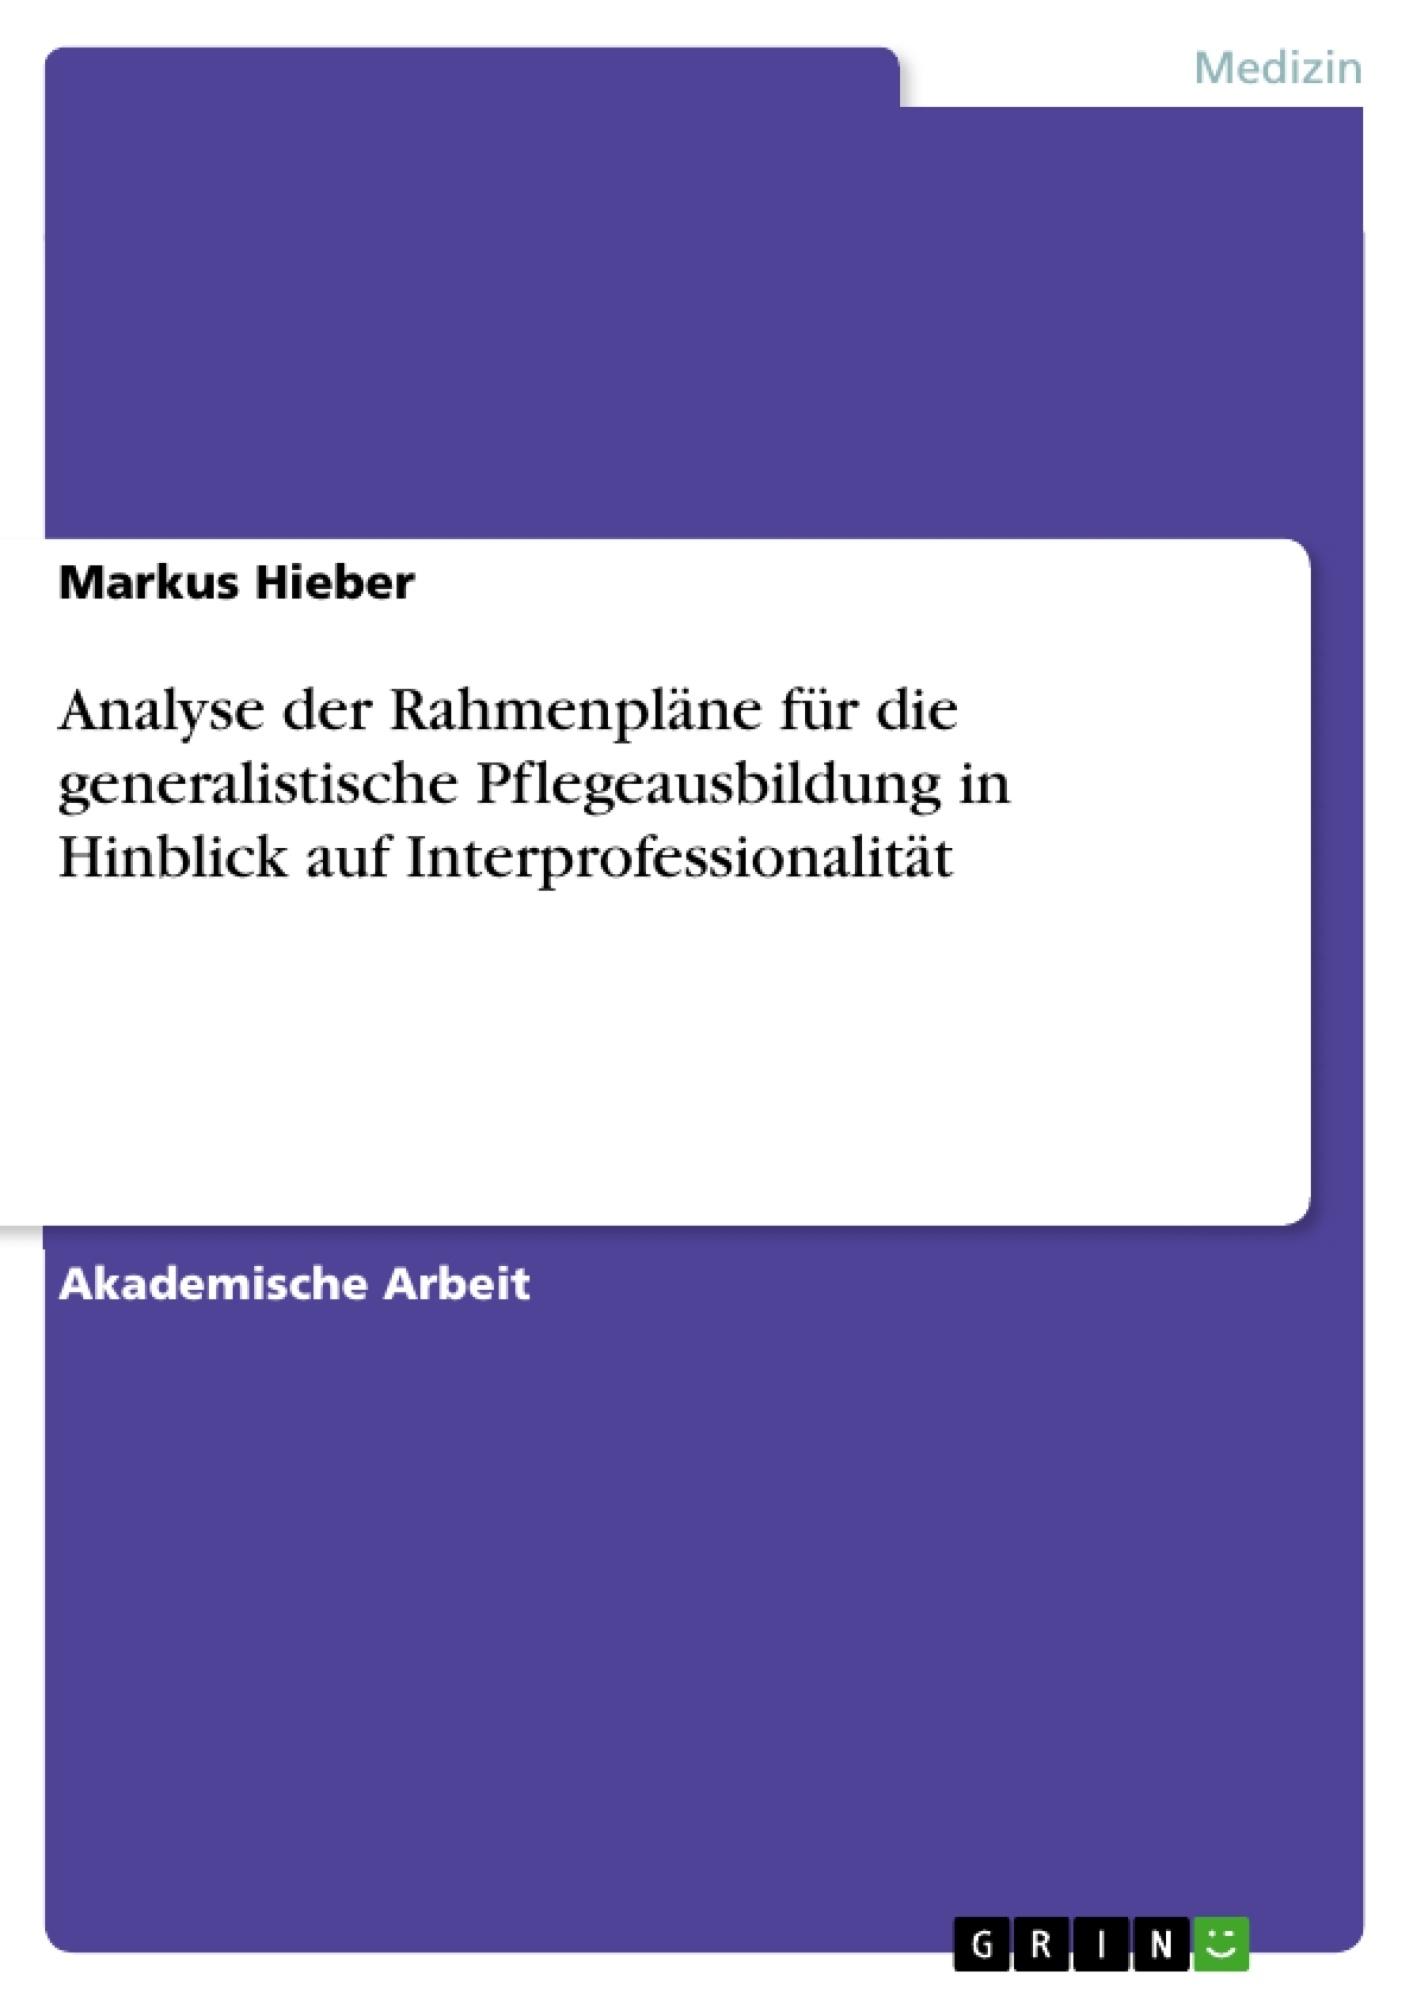 Titel: Analyse der Rahmenpläne für die generalistische Pflegeausbildung in Hinblick auf Interprofessionalität